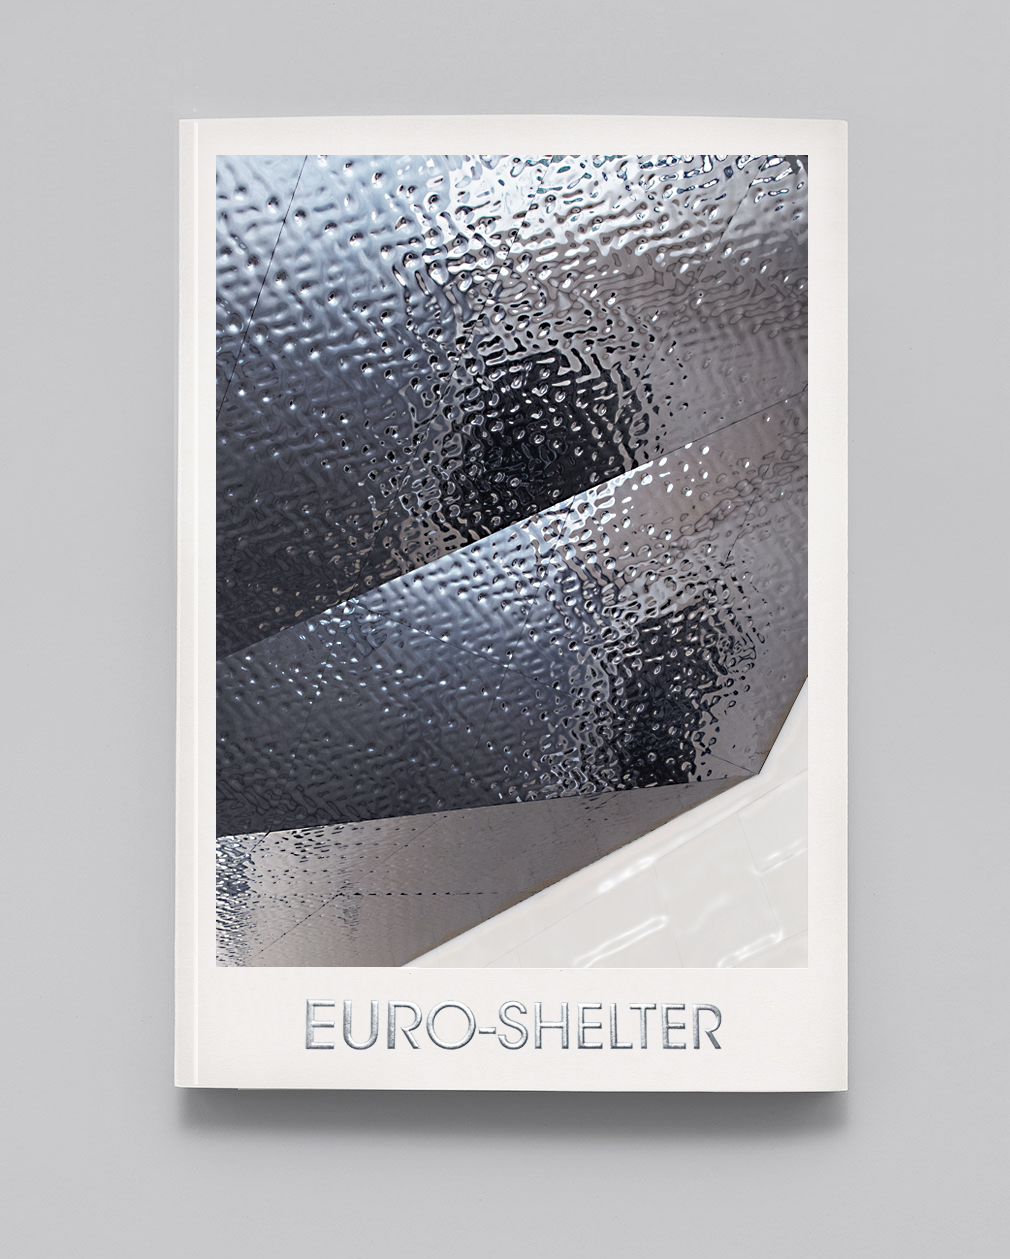 cover-serge-derossi-imprimeriedumaris-architecture-euro-shelter